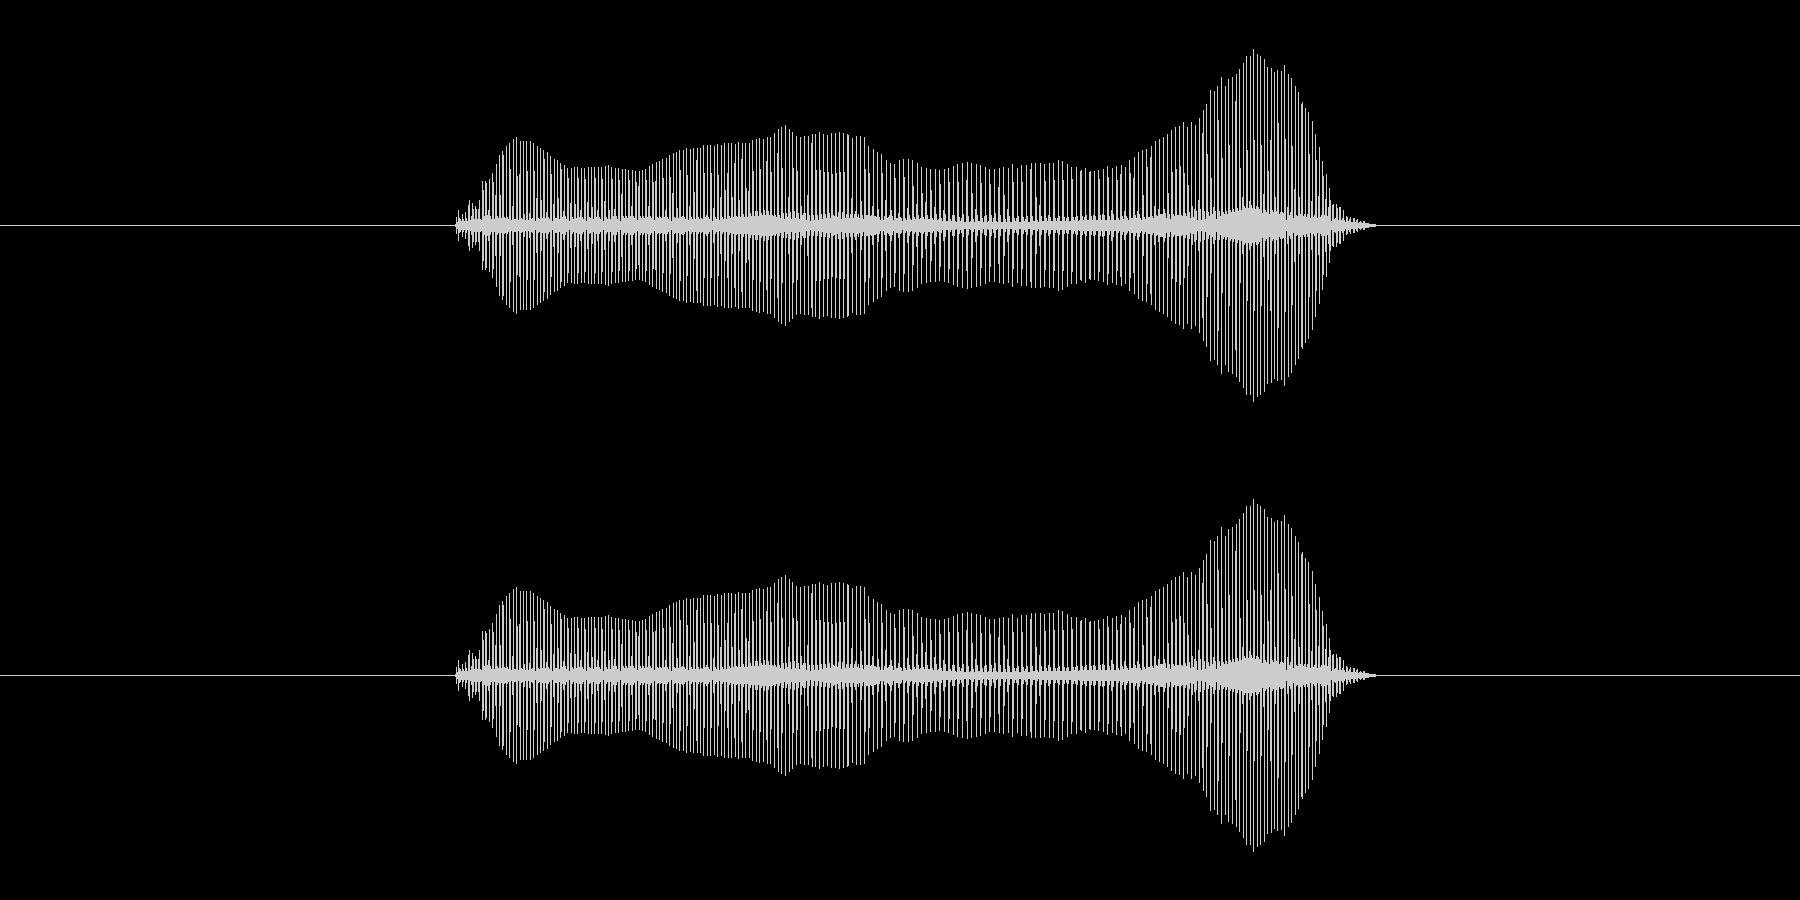 トロンボーンあるあるフレーズBPM240の未再生の波形